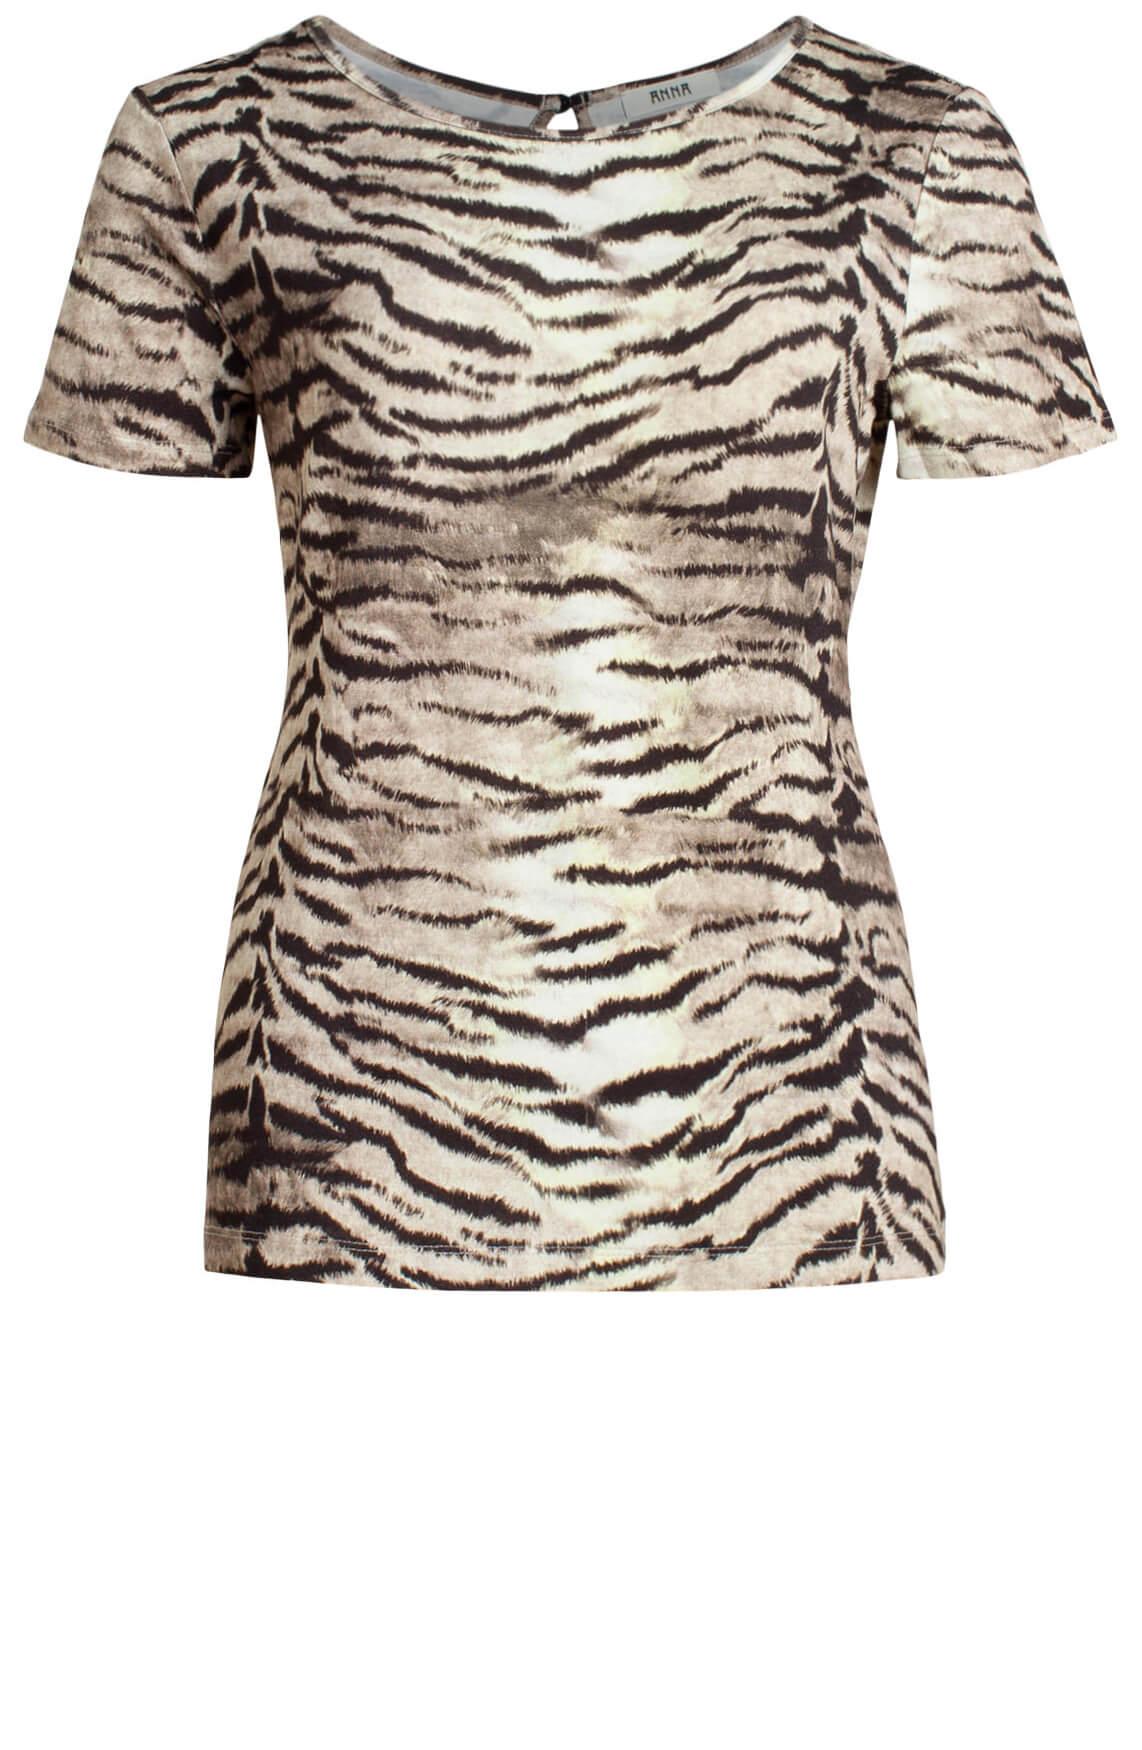 Anna Dames Shirt met zebraprint Grijs